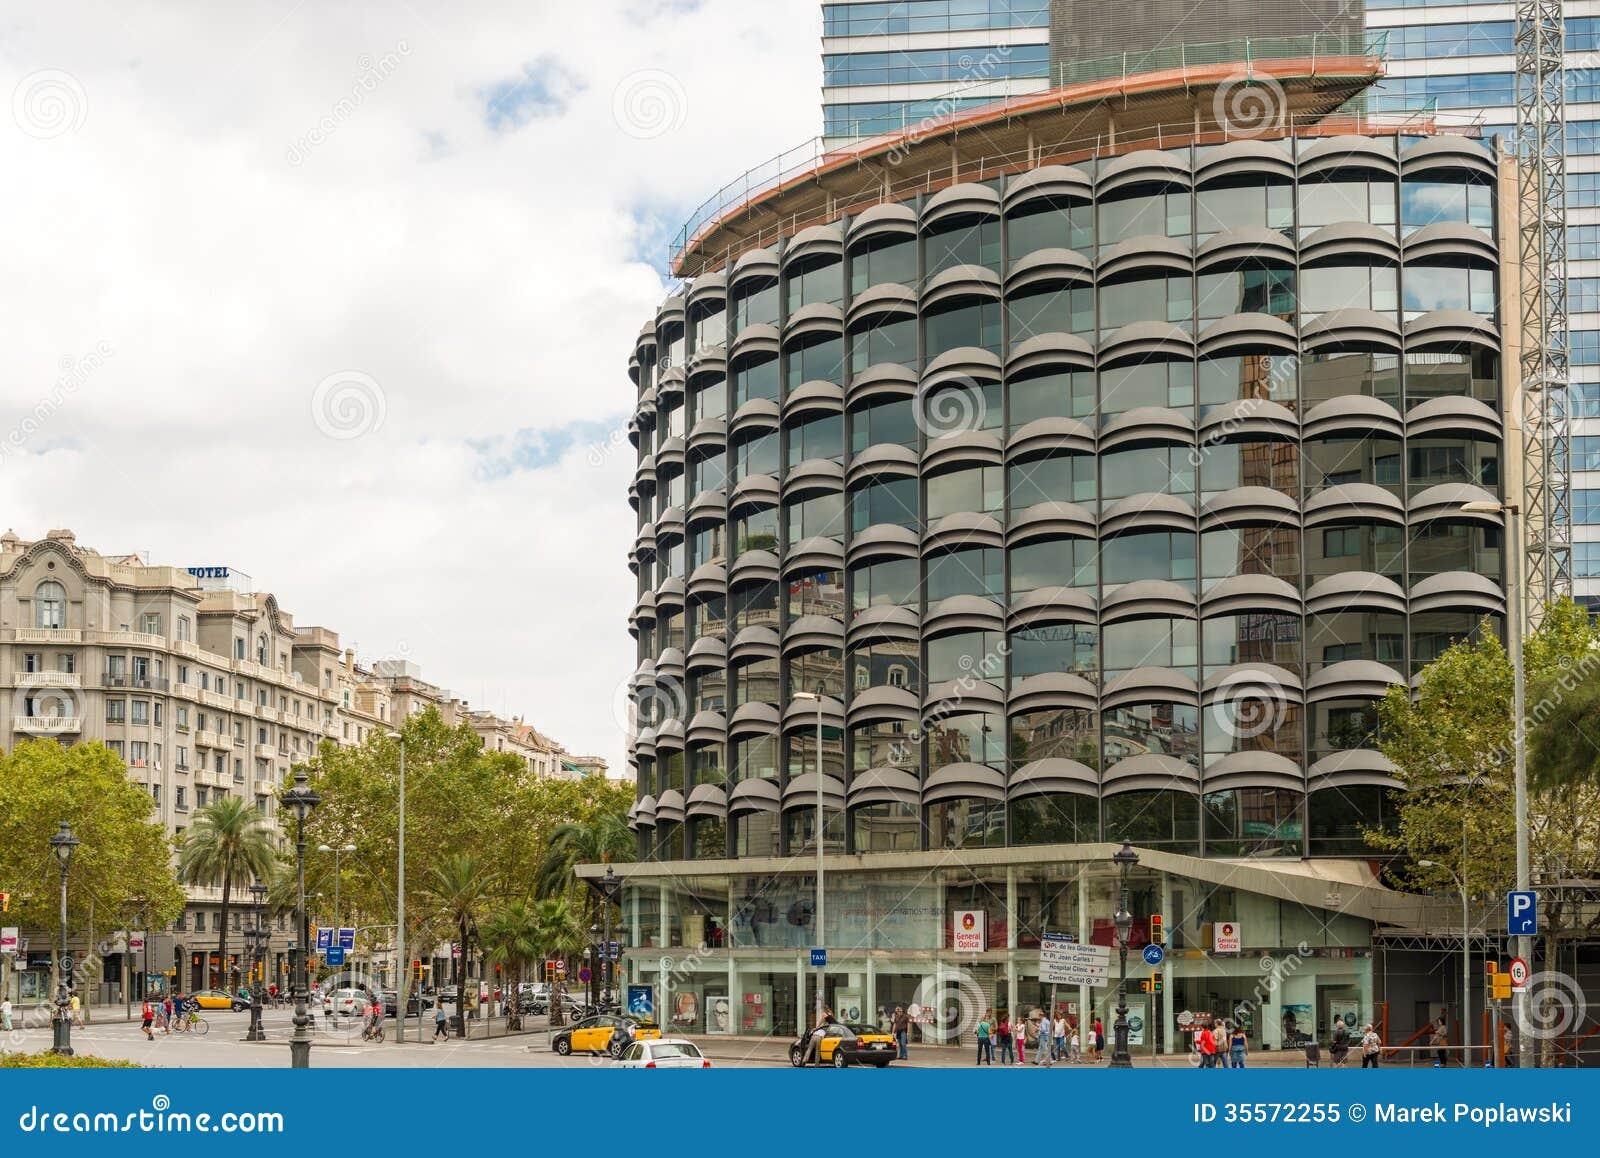 arquitectura moderna en barcelona espa a imagen editorial